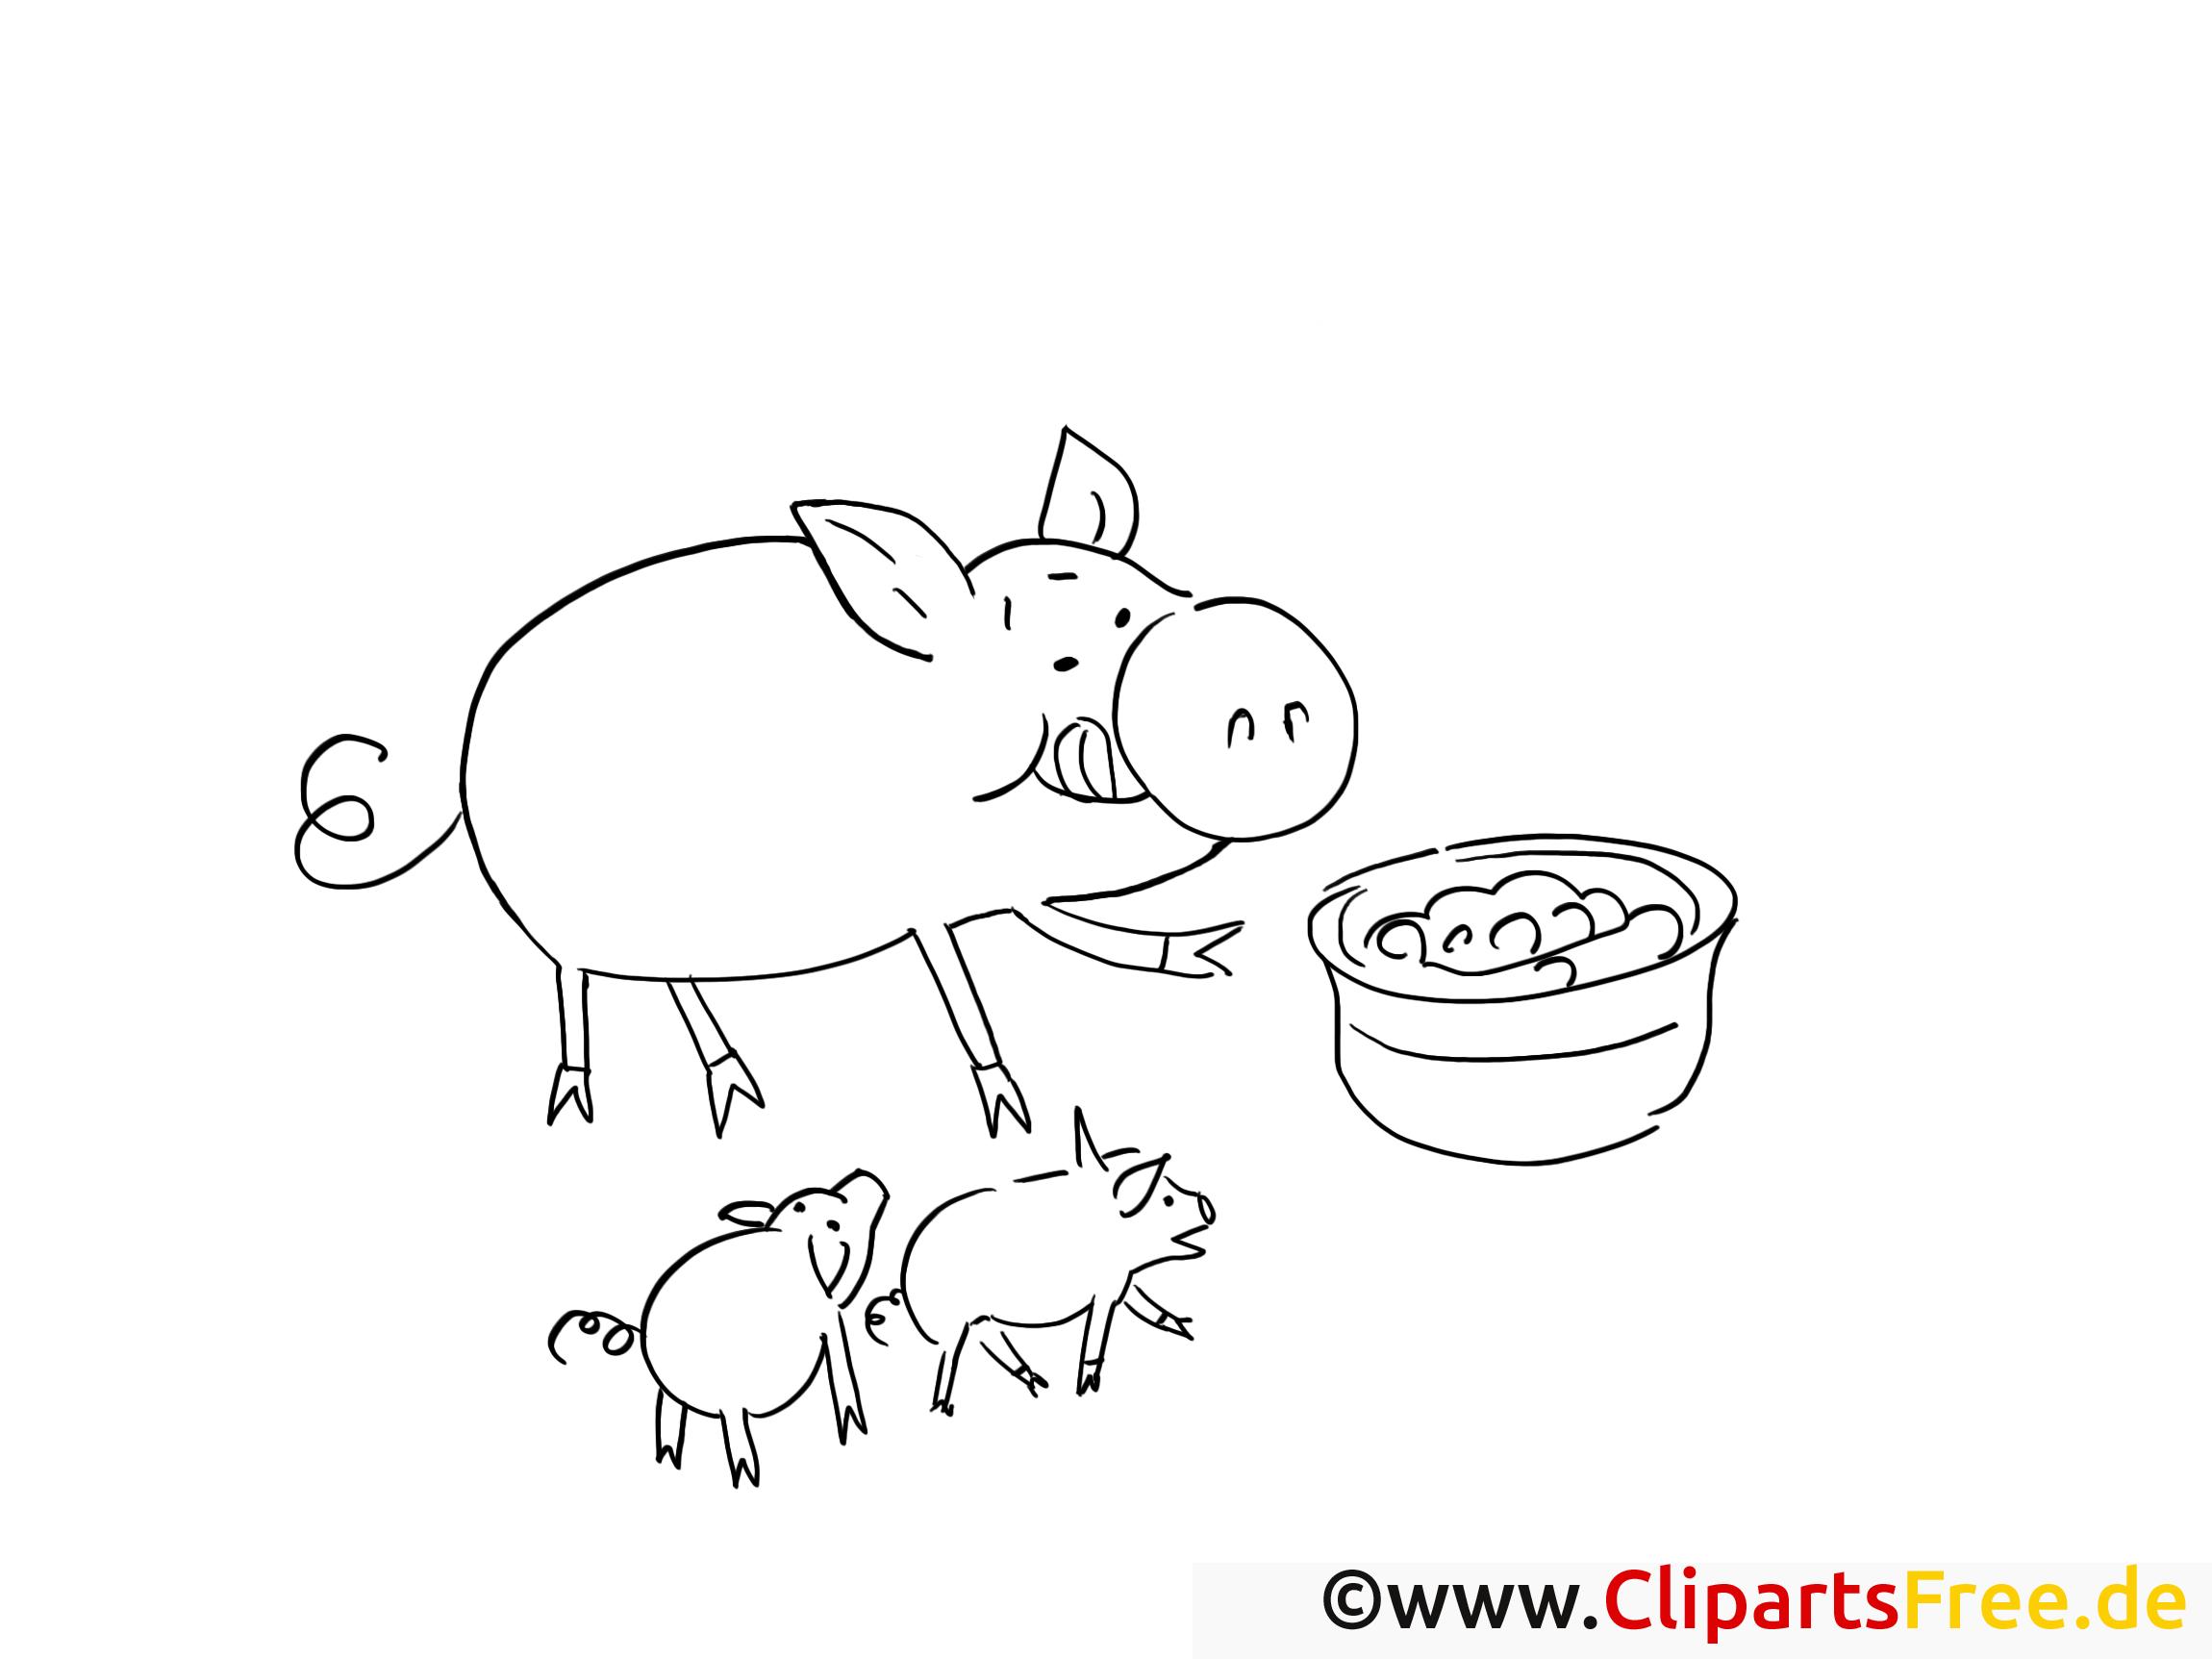 Ausmalbilder kostenlos zum Thema Bauernhof - Schwein